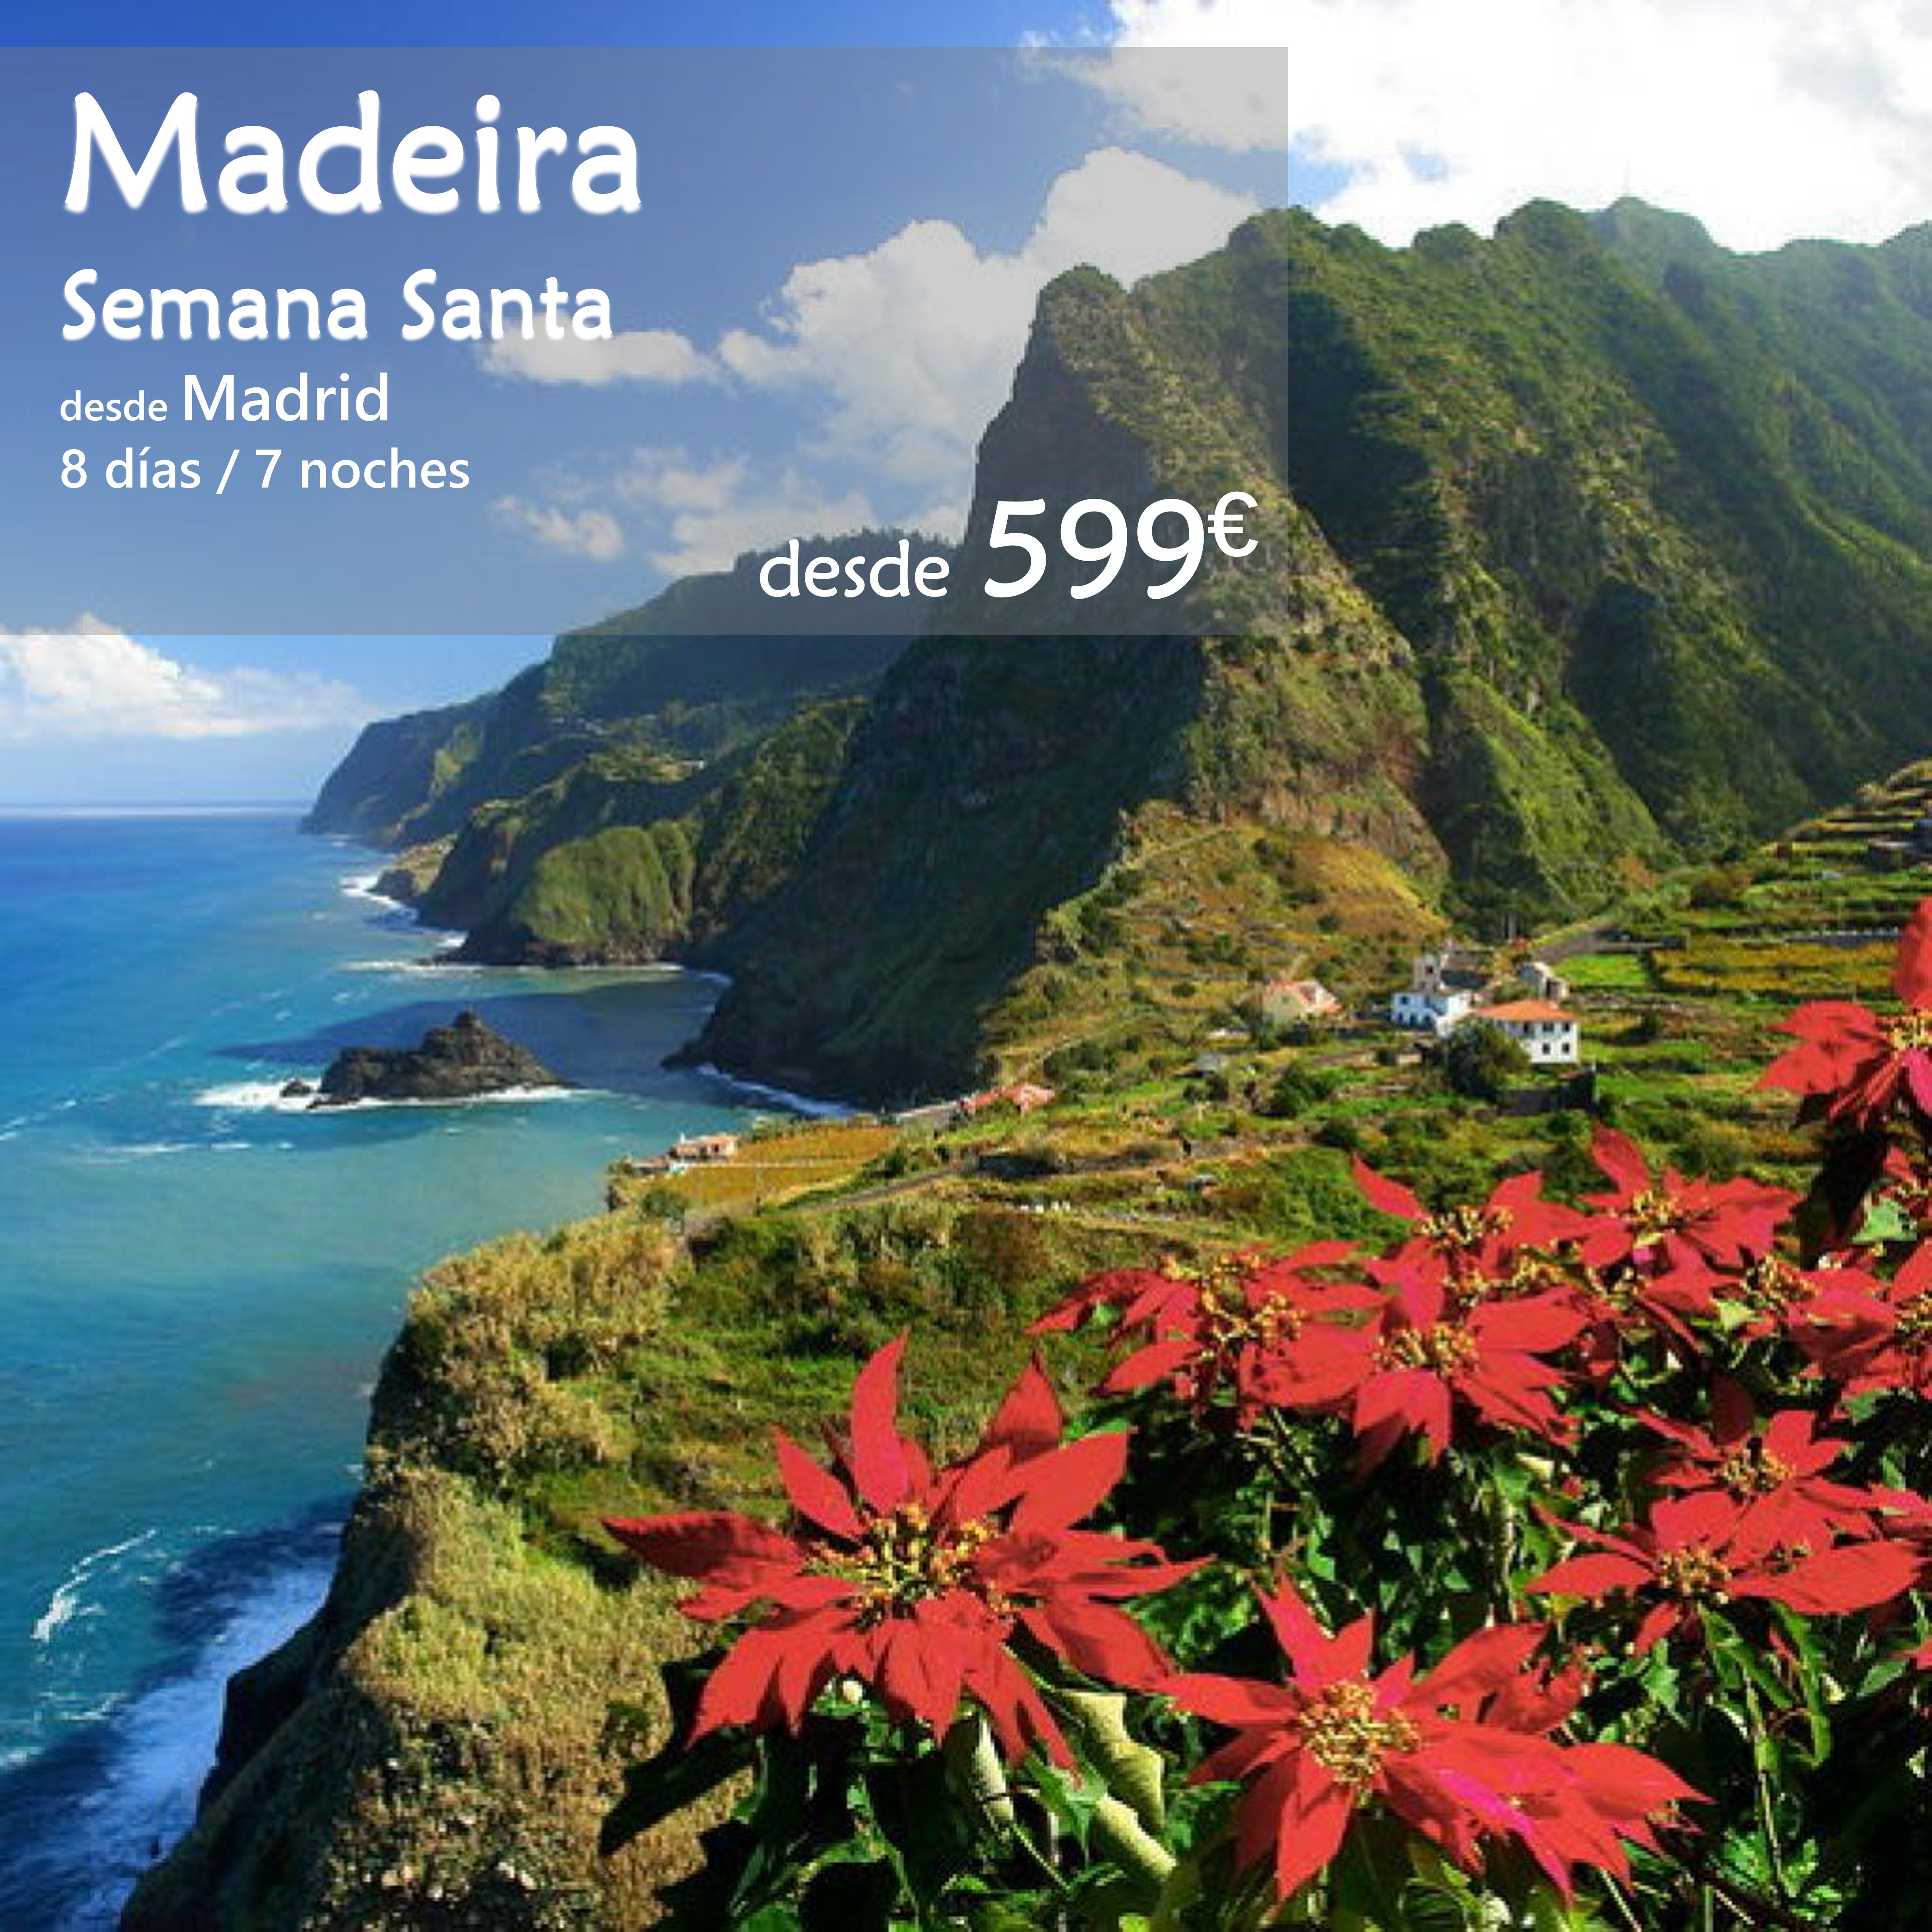 Madeira Semana Santa 2019